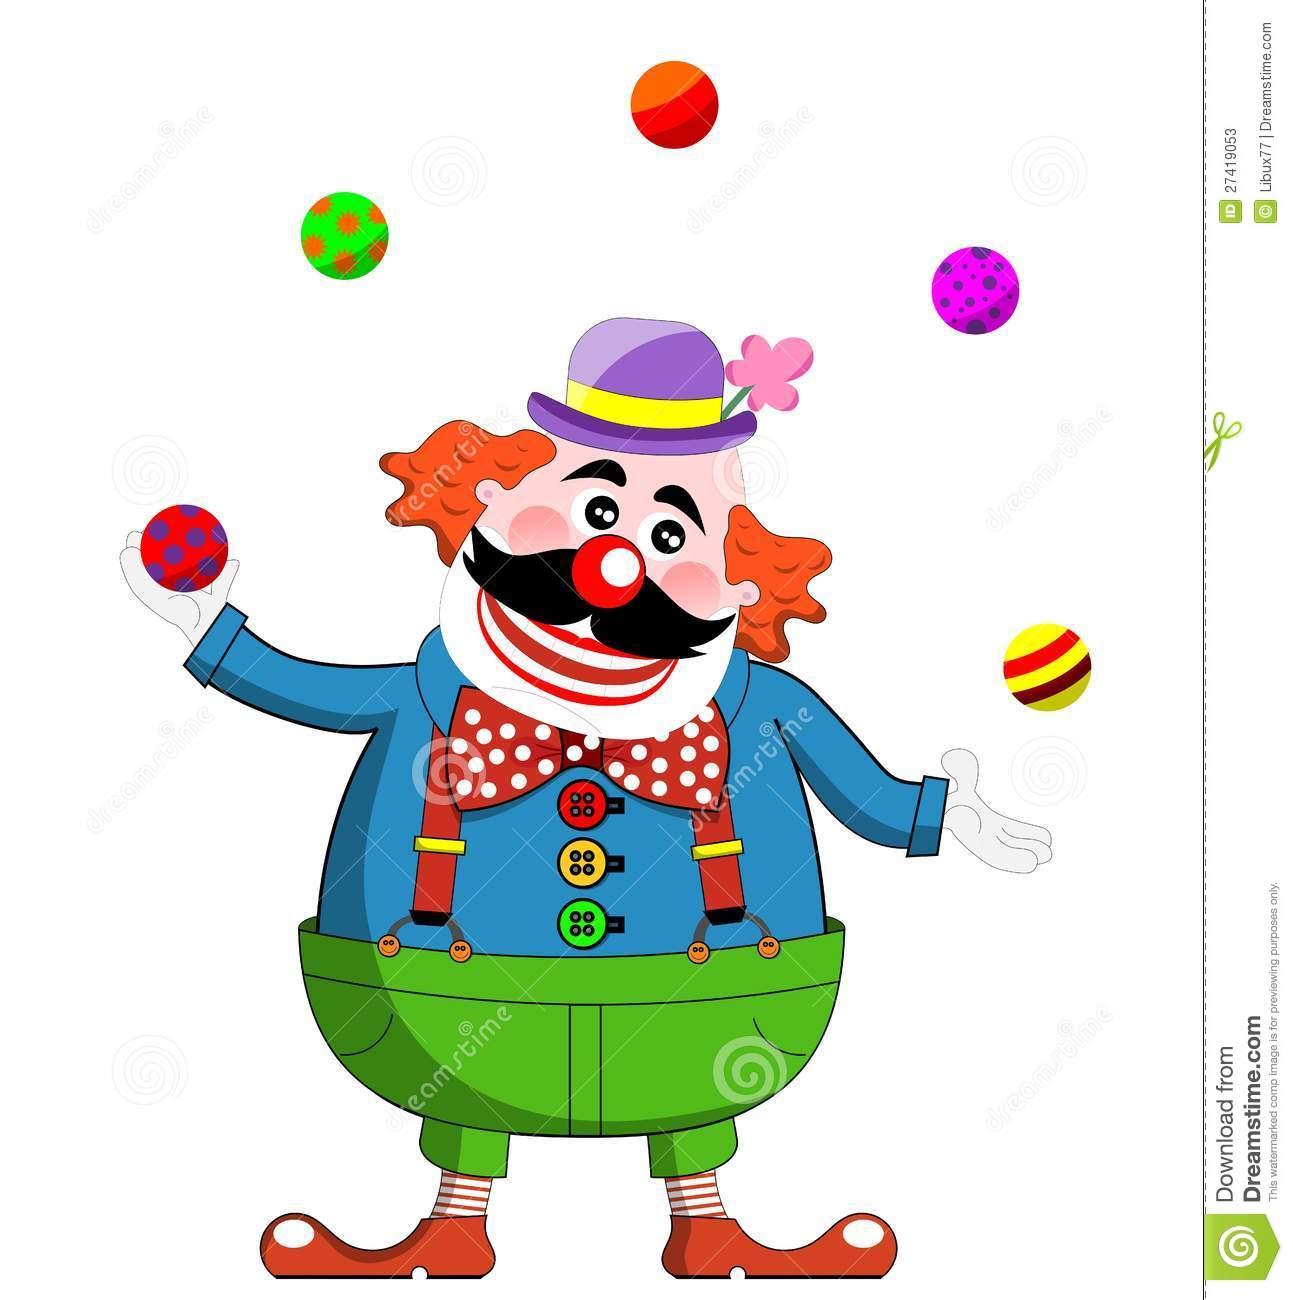 Juggling Clown Cartoon.